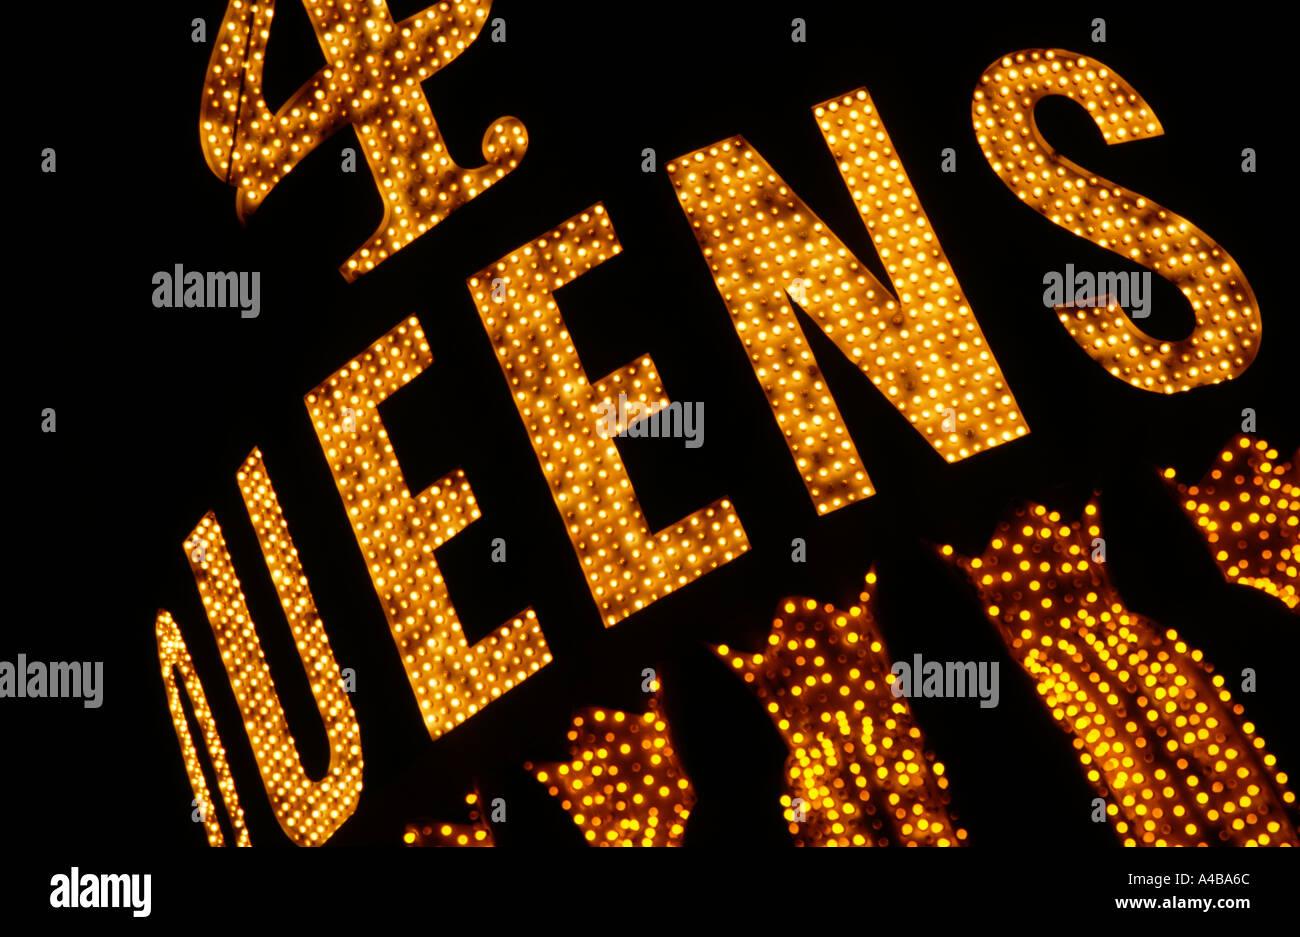 4 queens casino vegas